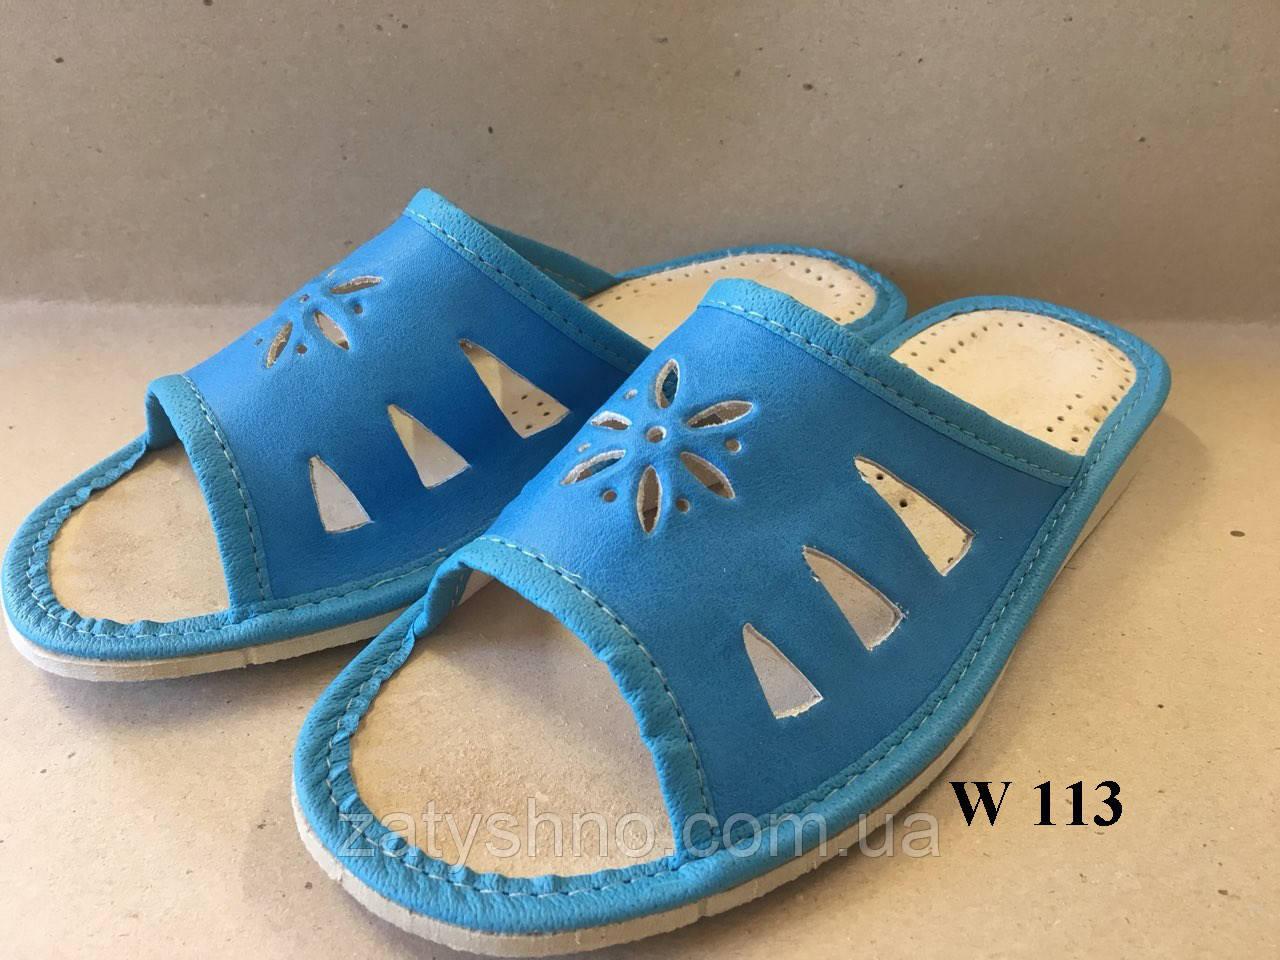 Тапочки женские кожаные голубые для сауны